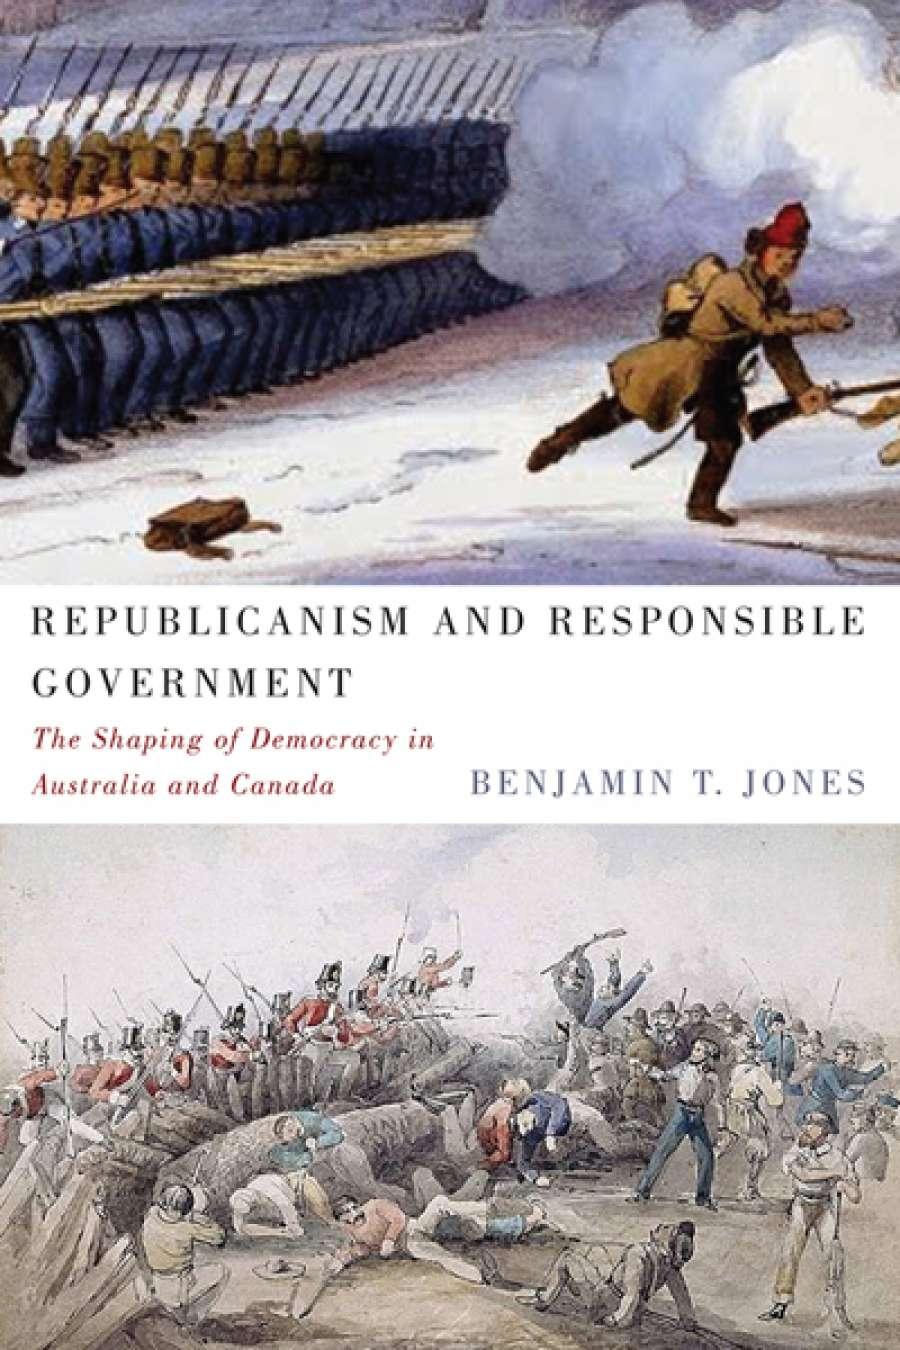 Jones Book